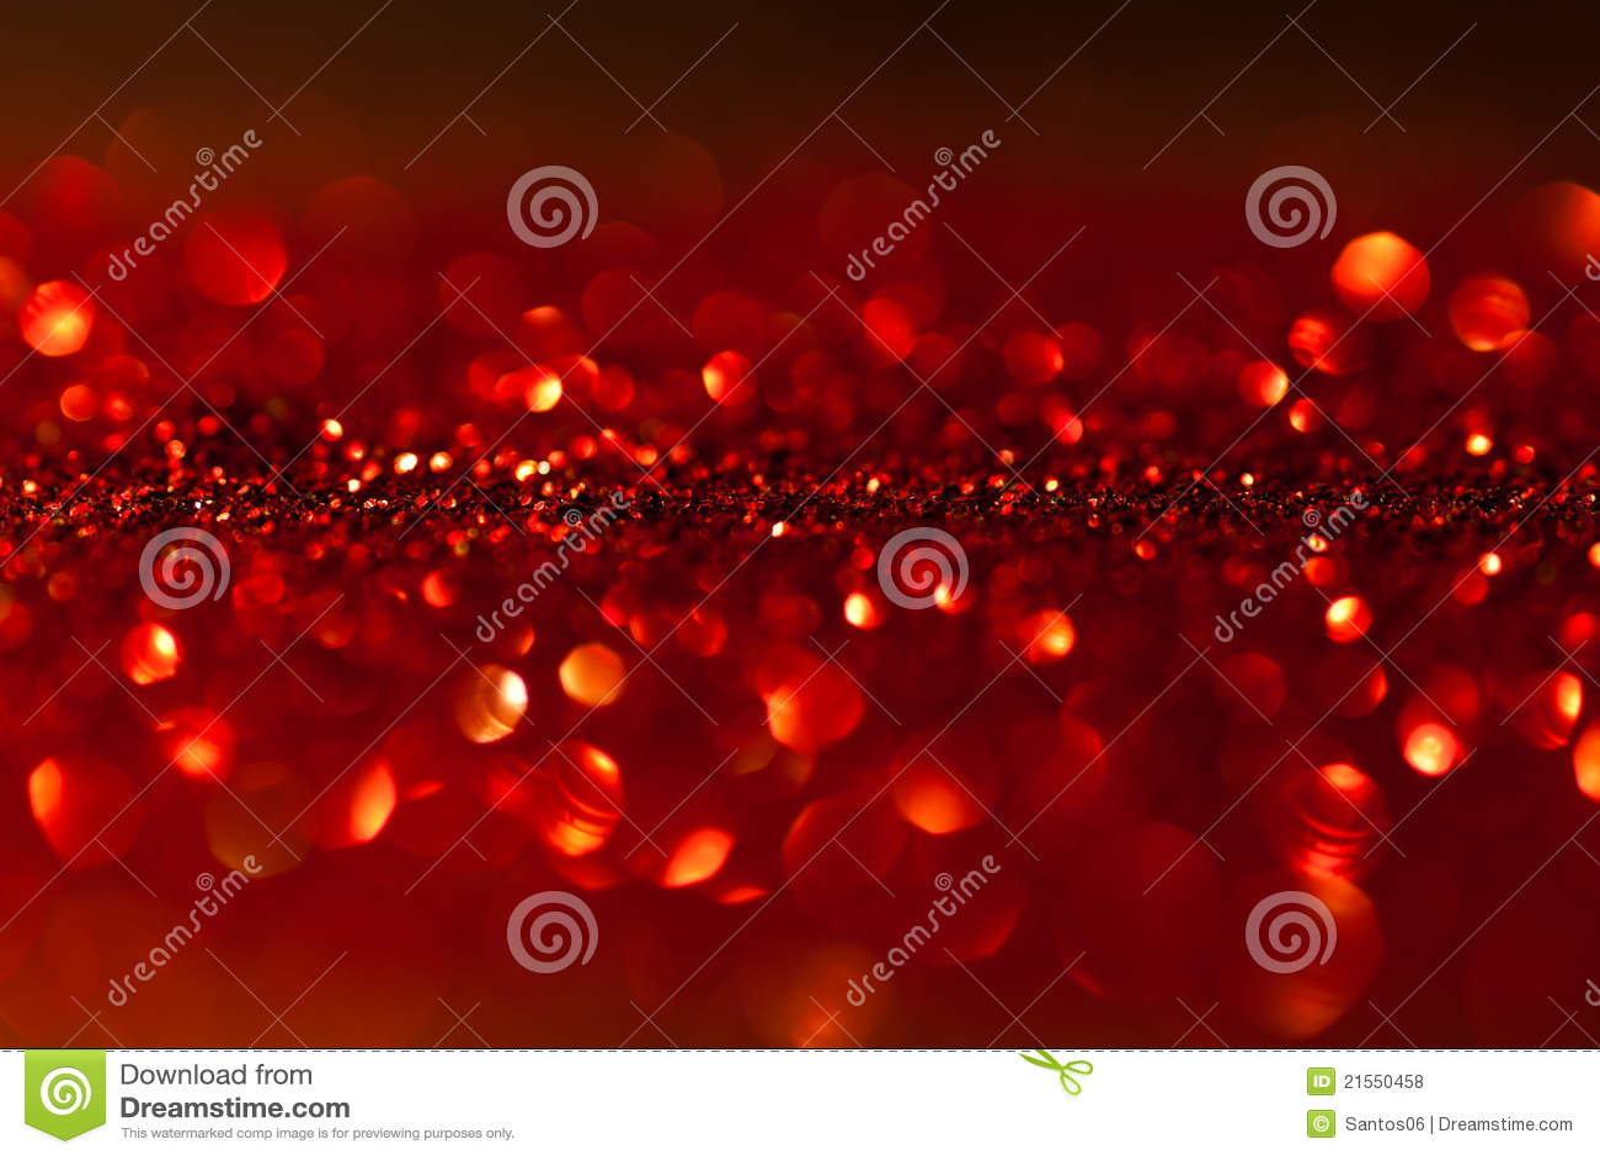 Gefonkelde rode achtergrond - Kerstmis